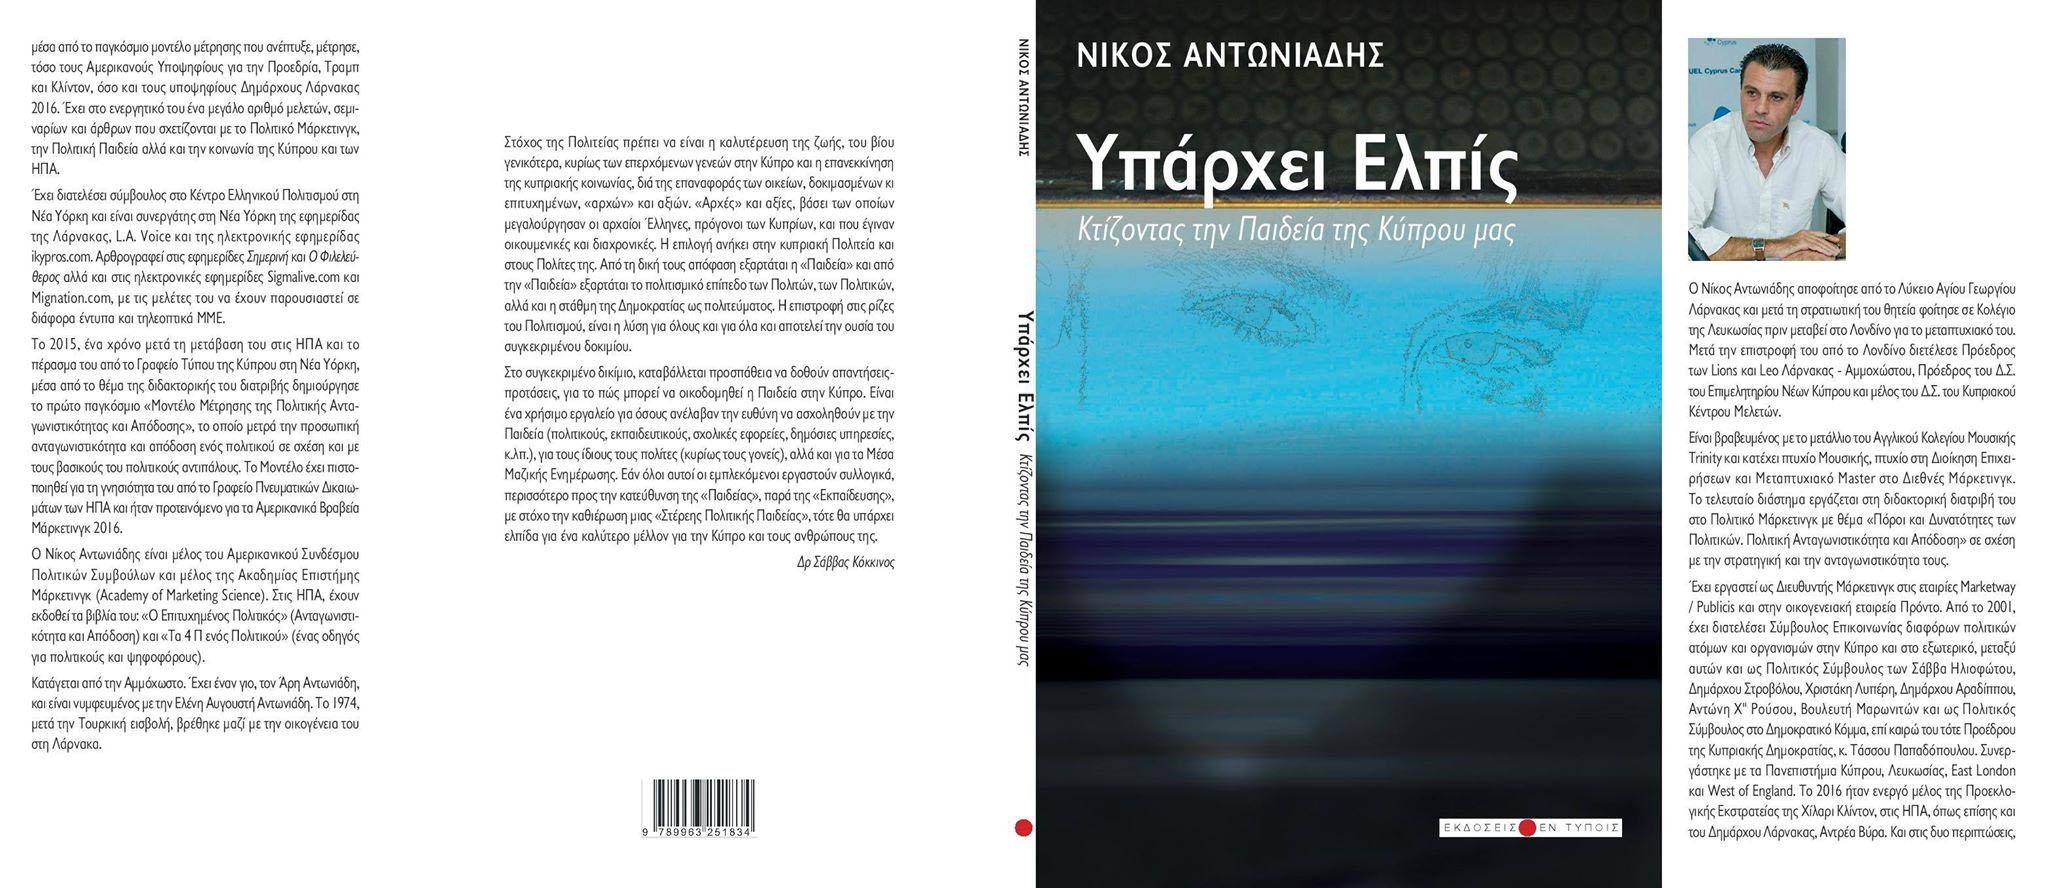 Νίκου Αντωνιάδη, Υπάρχει Ελπίς! Κτίζοντας την Παιδεία της Κύπρου μας